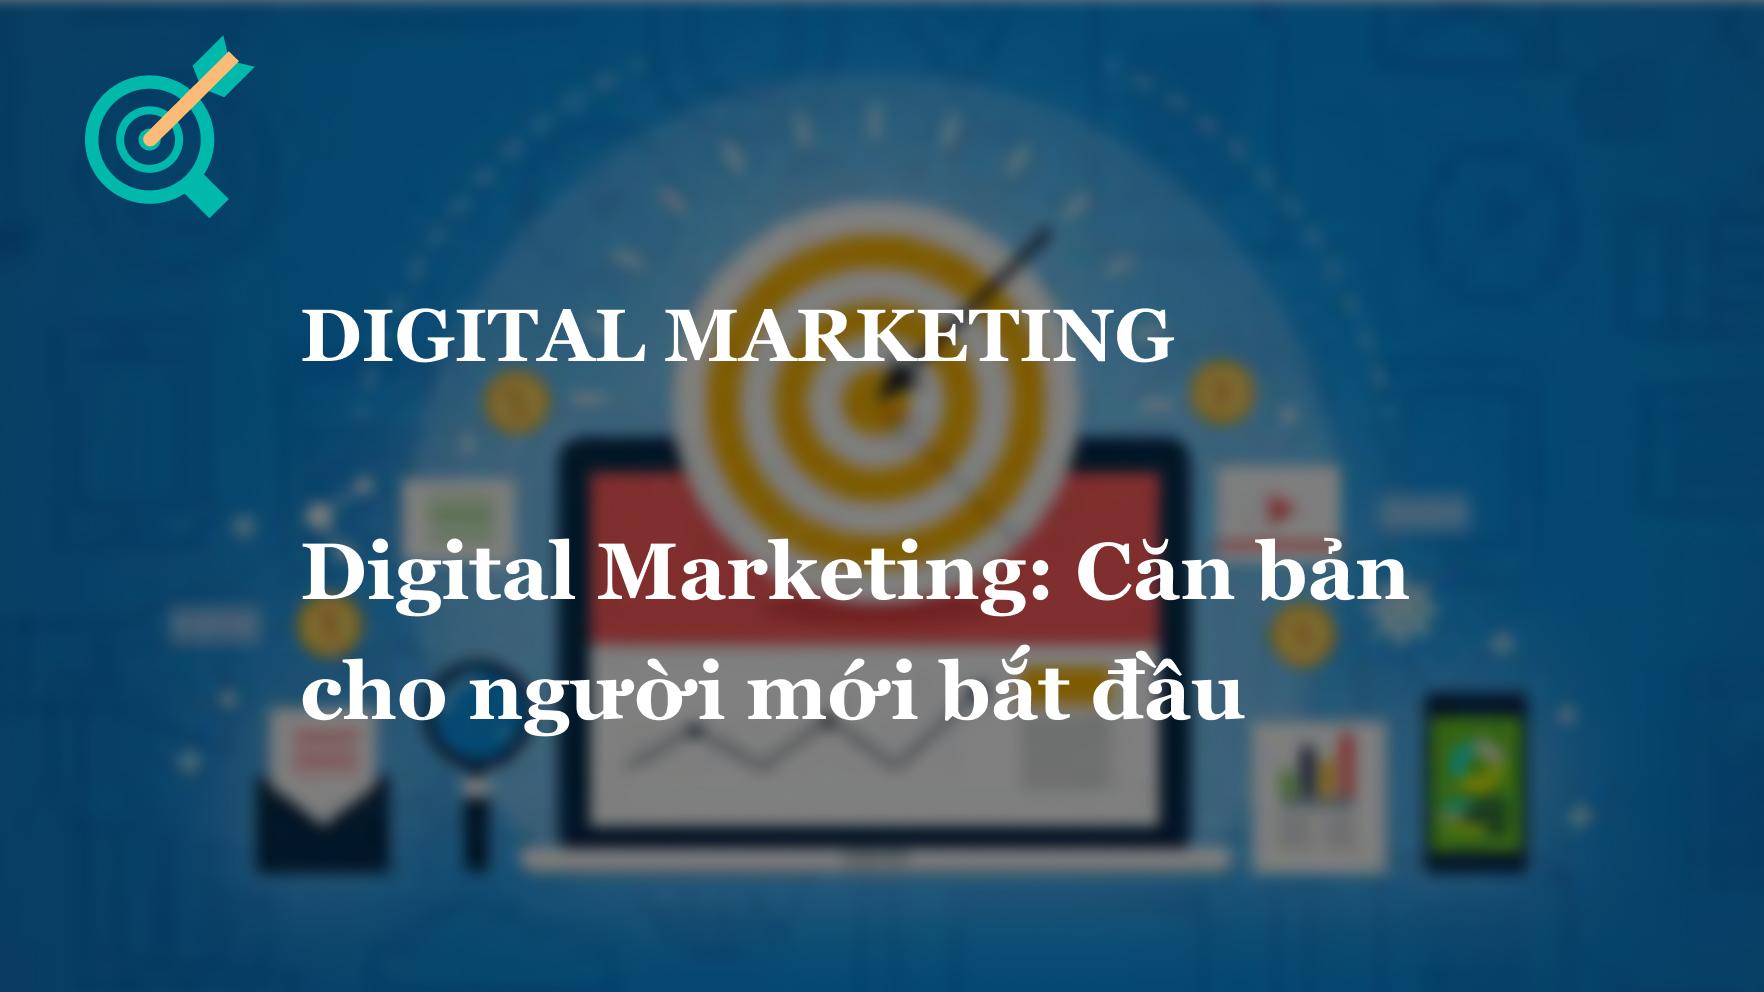 Digital Marketing: Căn bản cho người mới bắt đầu